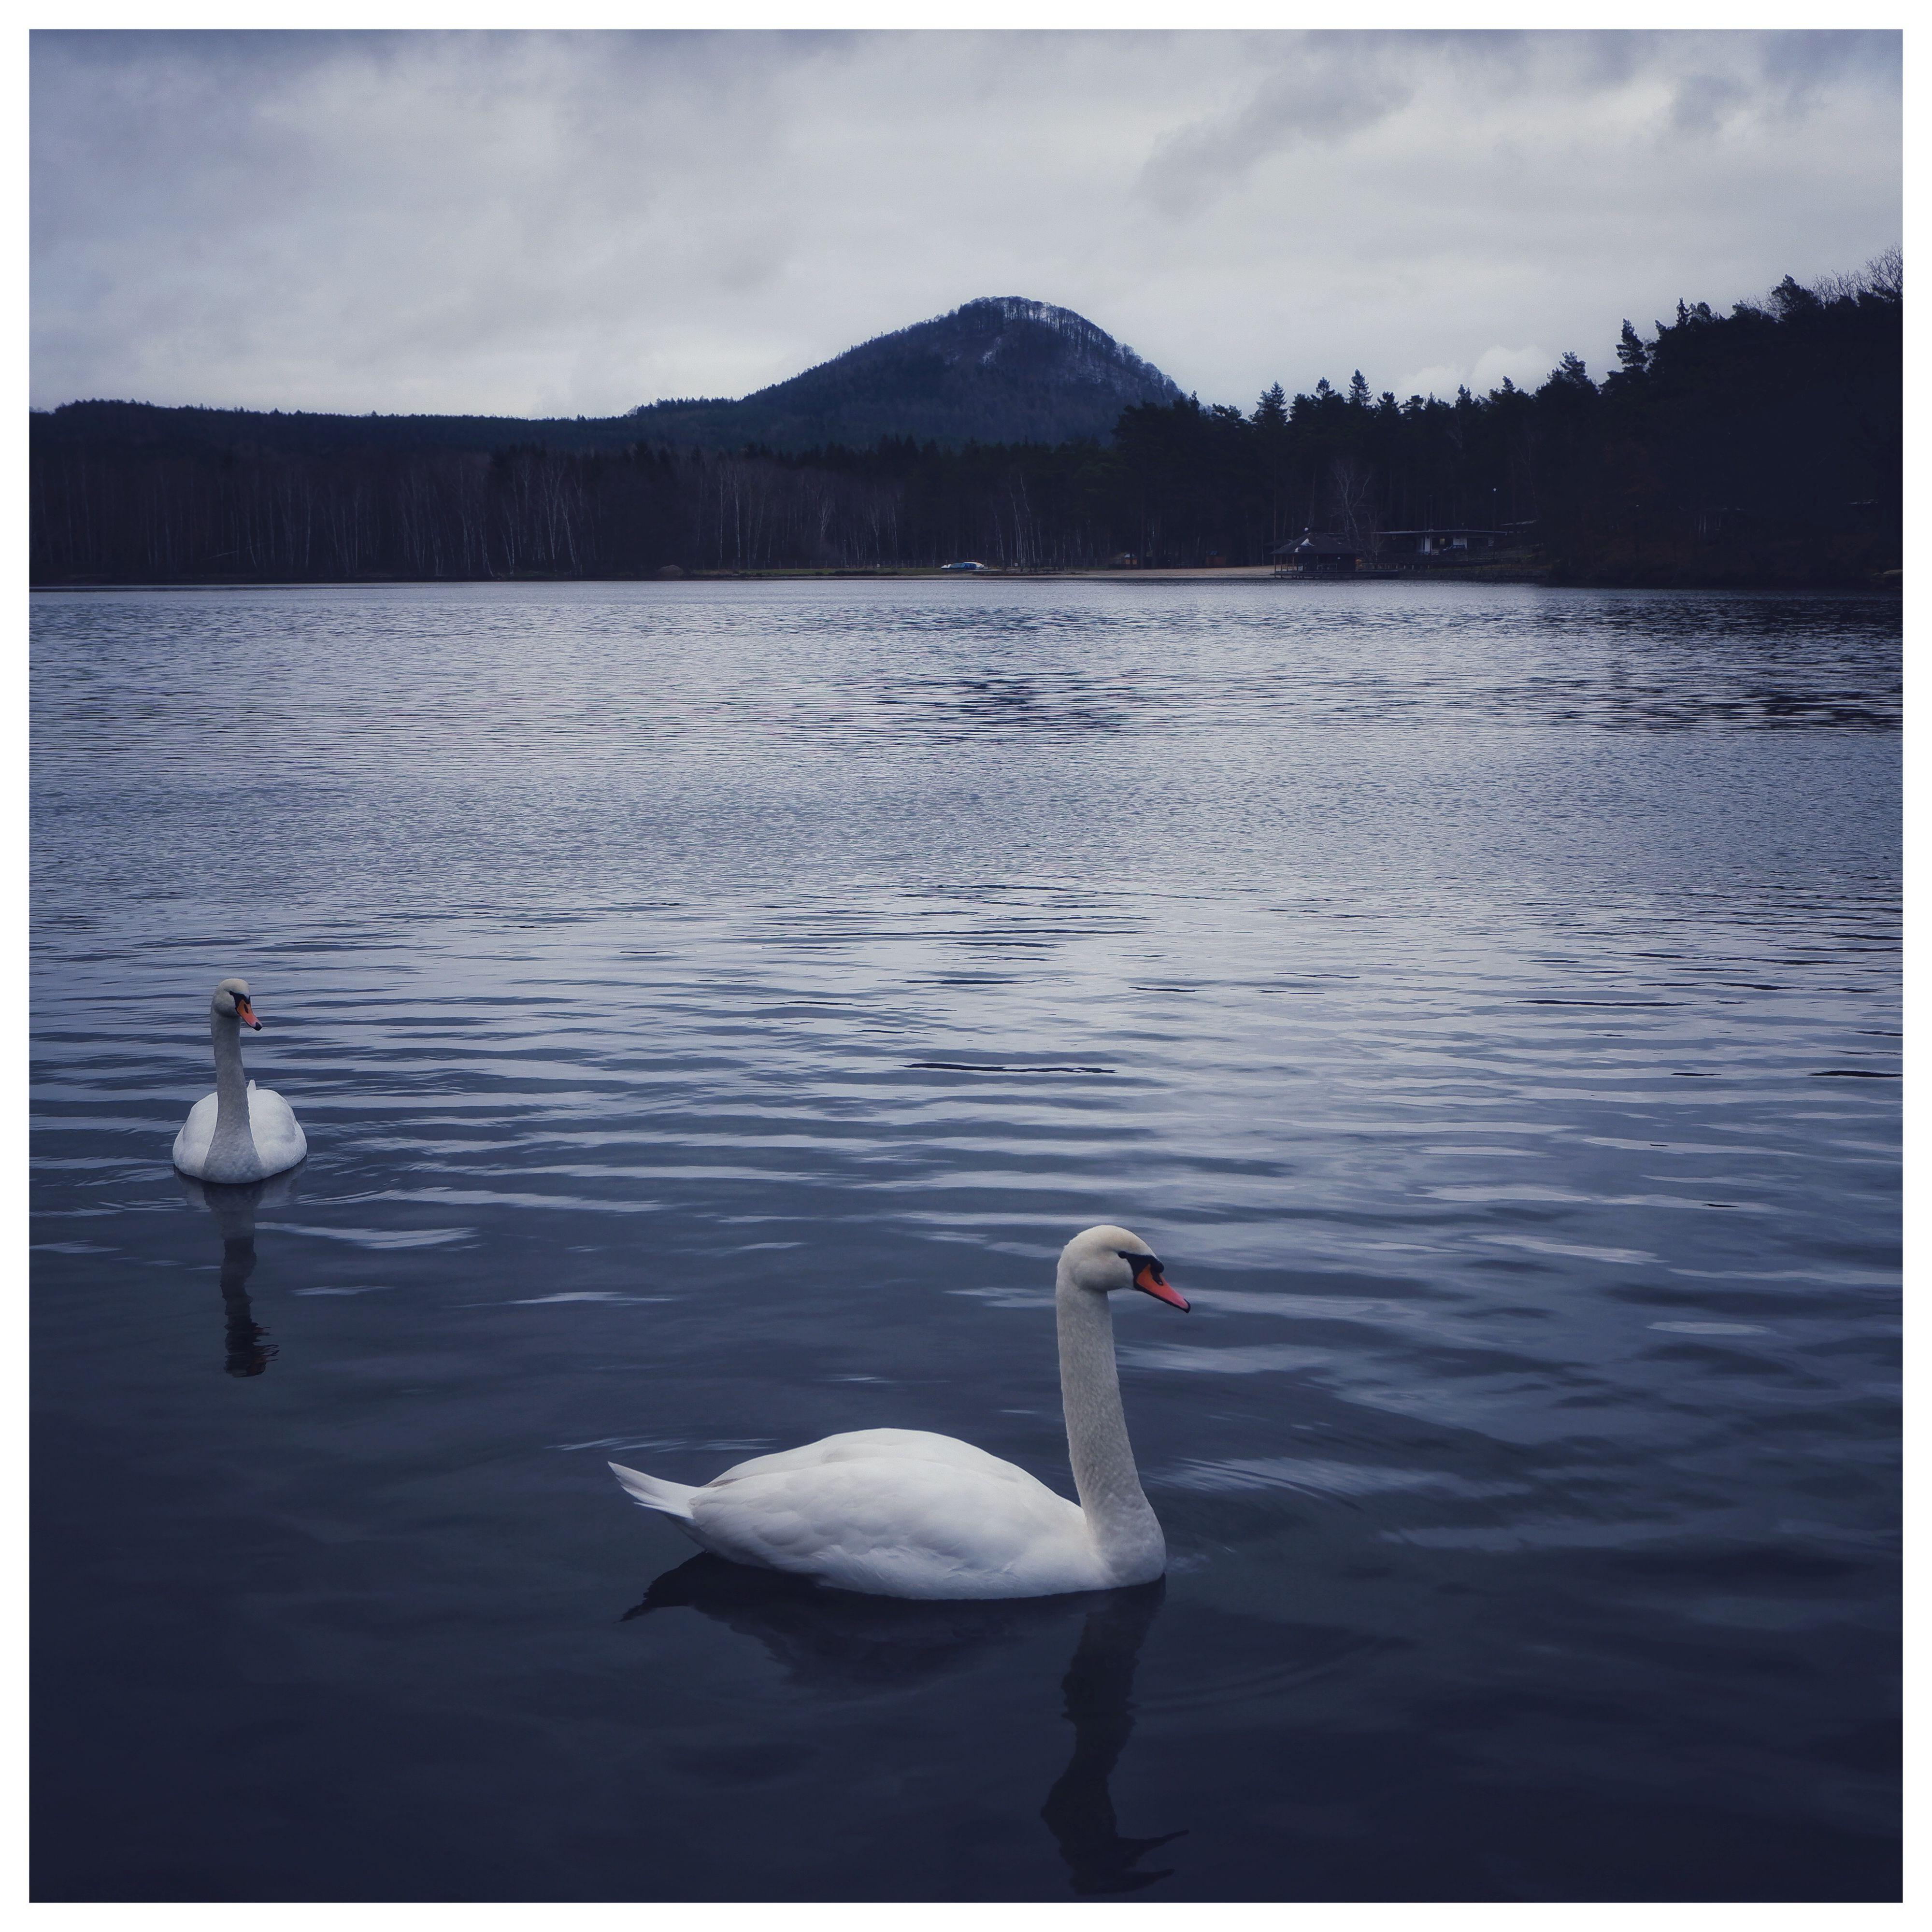 Swan Lake - Radvanecký Rybník A couple of swans on Radvanecký Rybník, you know chilling out and stuff.  #czechia #naturephotography #fujixt100 #ig_landscape #theworldshotz #landscapephotography